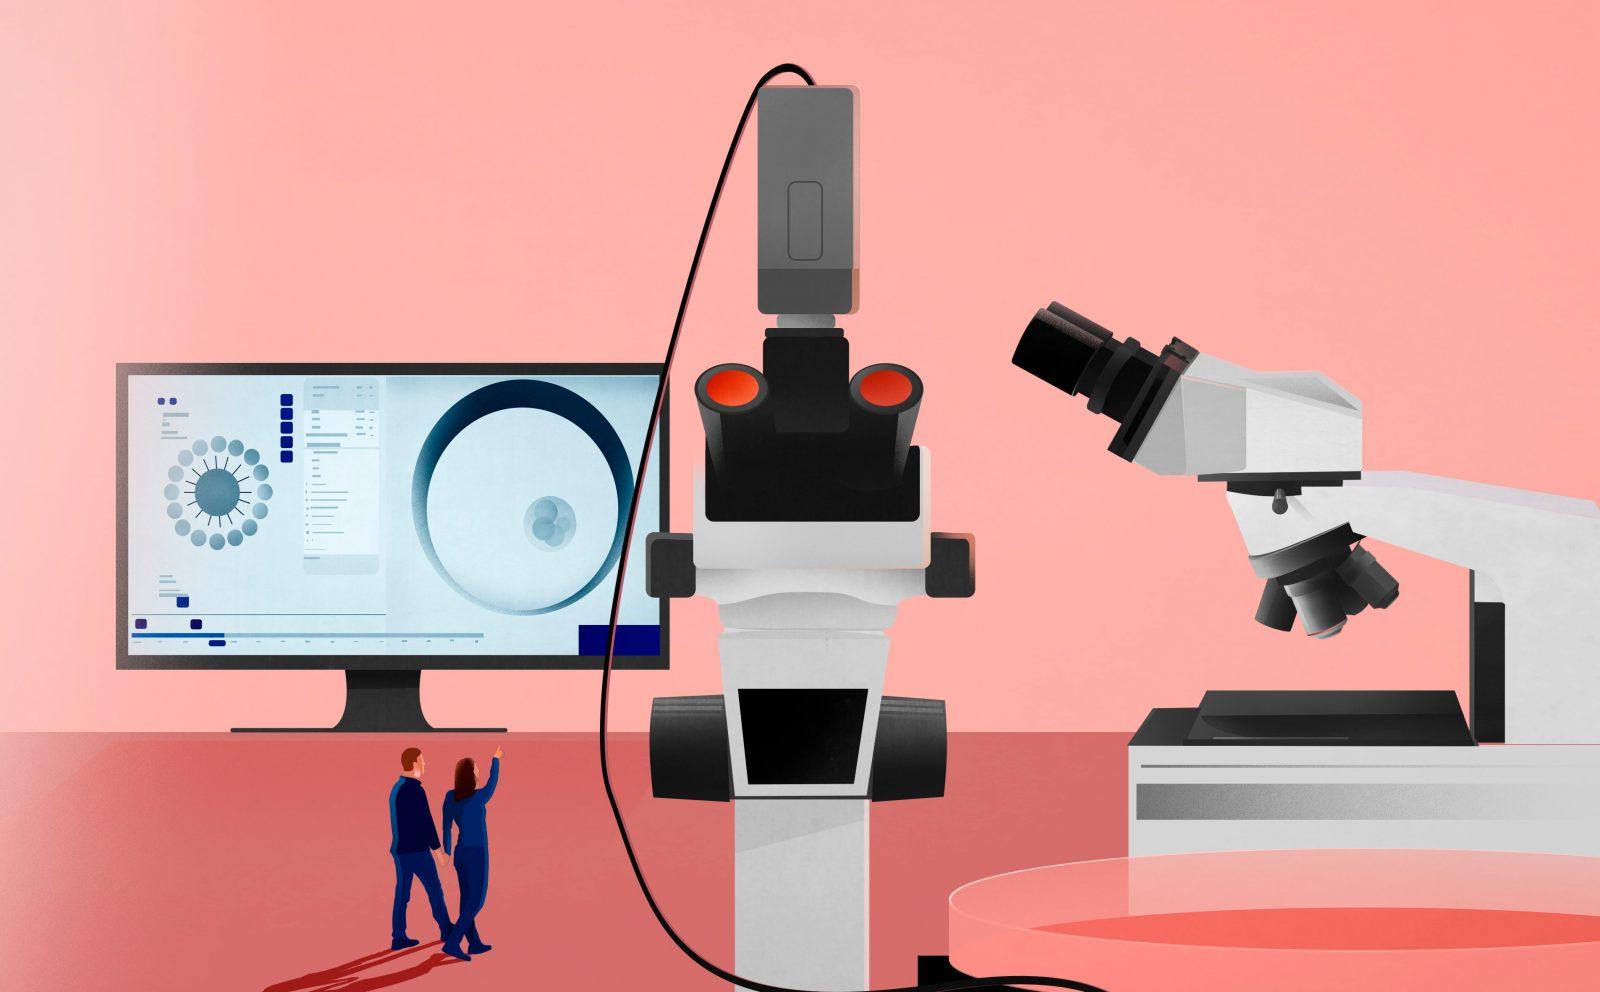 Огляд репродуктивних лабораторних технологій